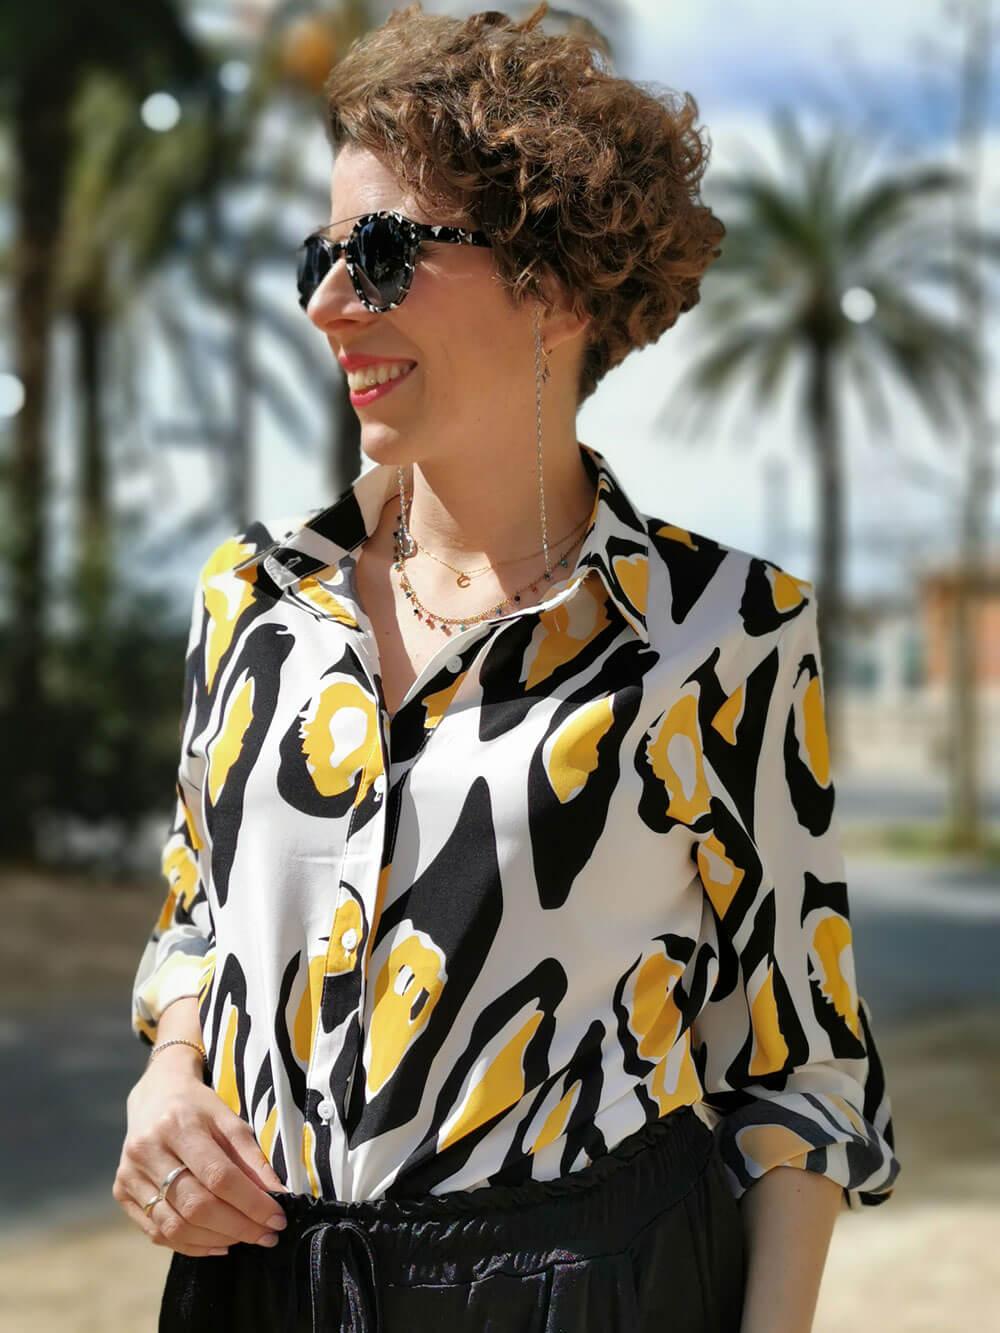 Plano medio de una chica sonriendo, sobre fondo de palmeras. Viste una camisa blanca de manga larga con manchas de color negro y amarillo. Lleva un pantalón cómodo conjuntado de color negro.